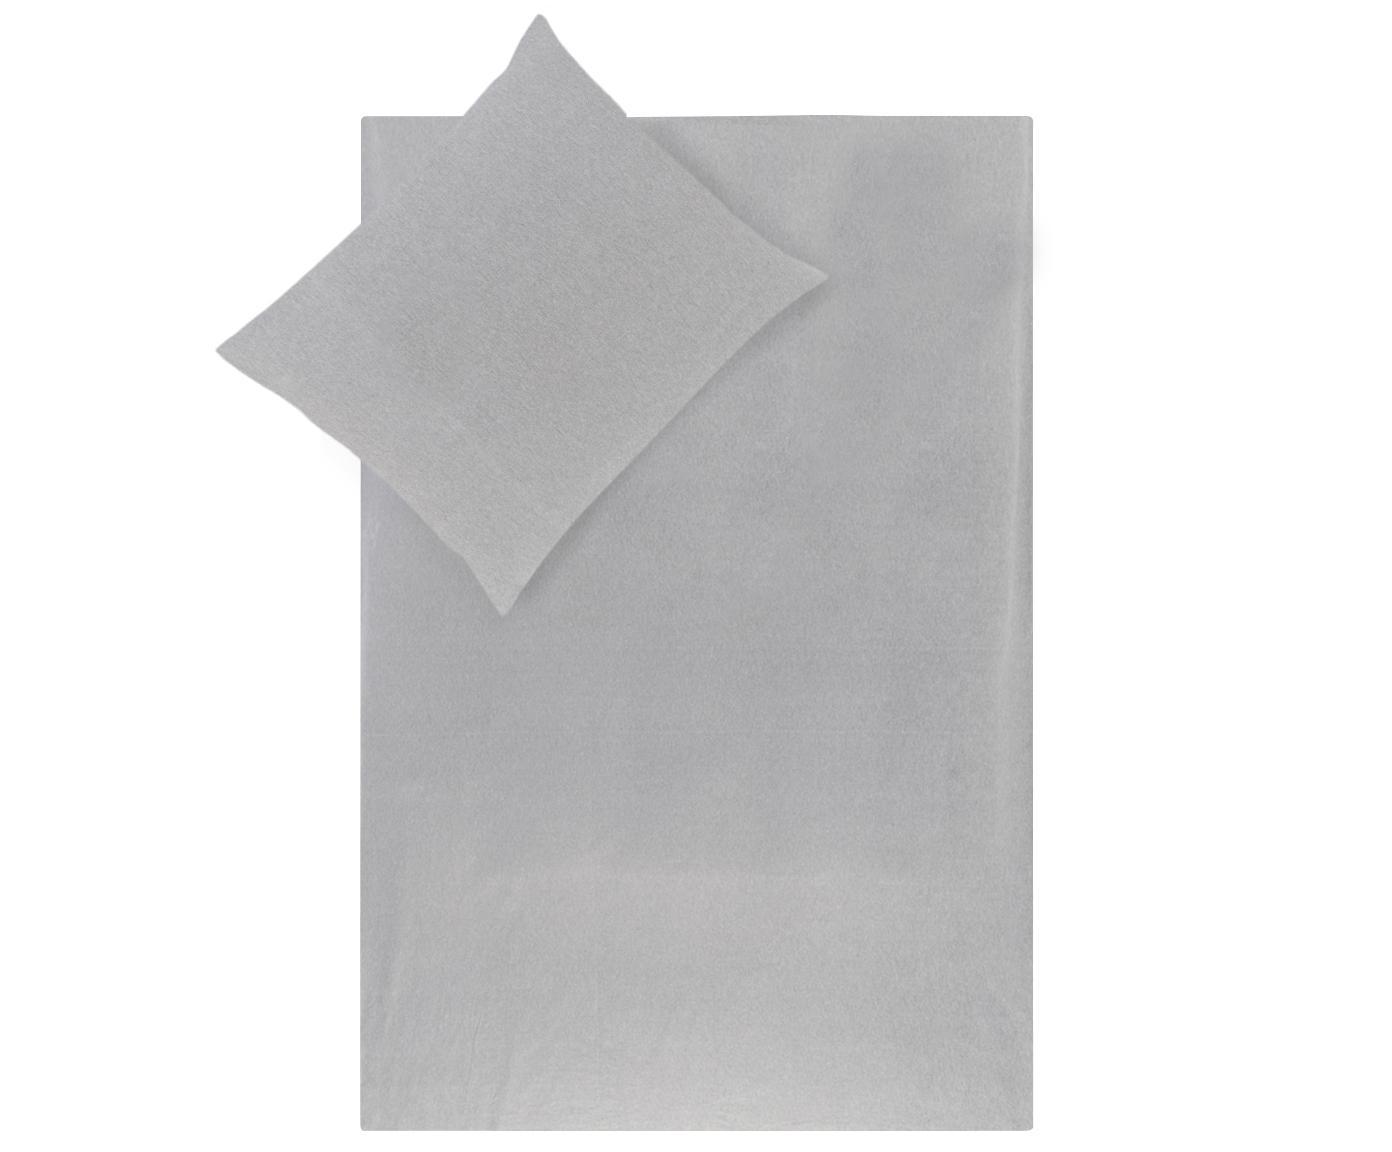 Flanellen dekbedovertrek Groove, Weeftechniek: flanel, Grijs, 240 x 220 cm